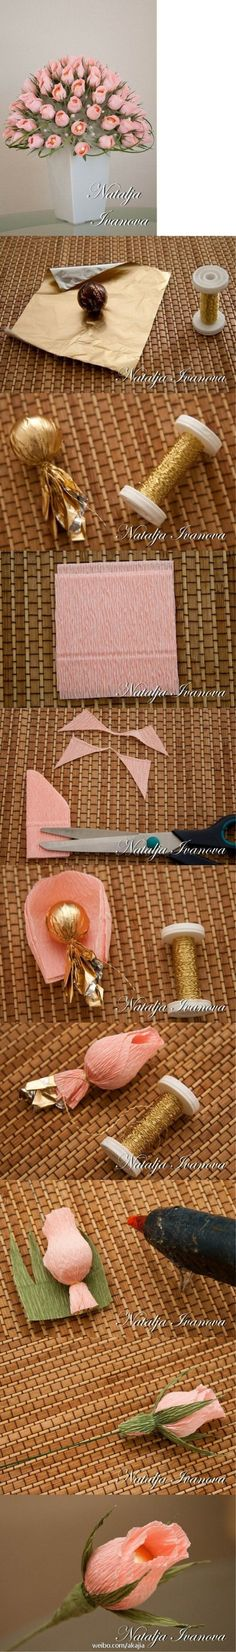 Chocolate romántica DIY Rose Bouquet ~ podría ser Día ramo o fiesta de cumpleaños de una madre feliz * chocolate romántica DIY Rose Bouquet por SuperDuper